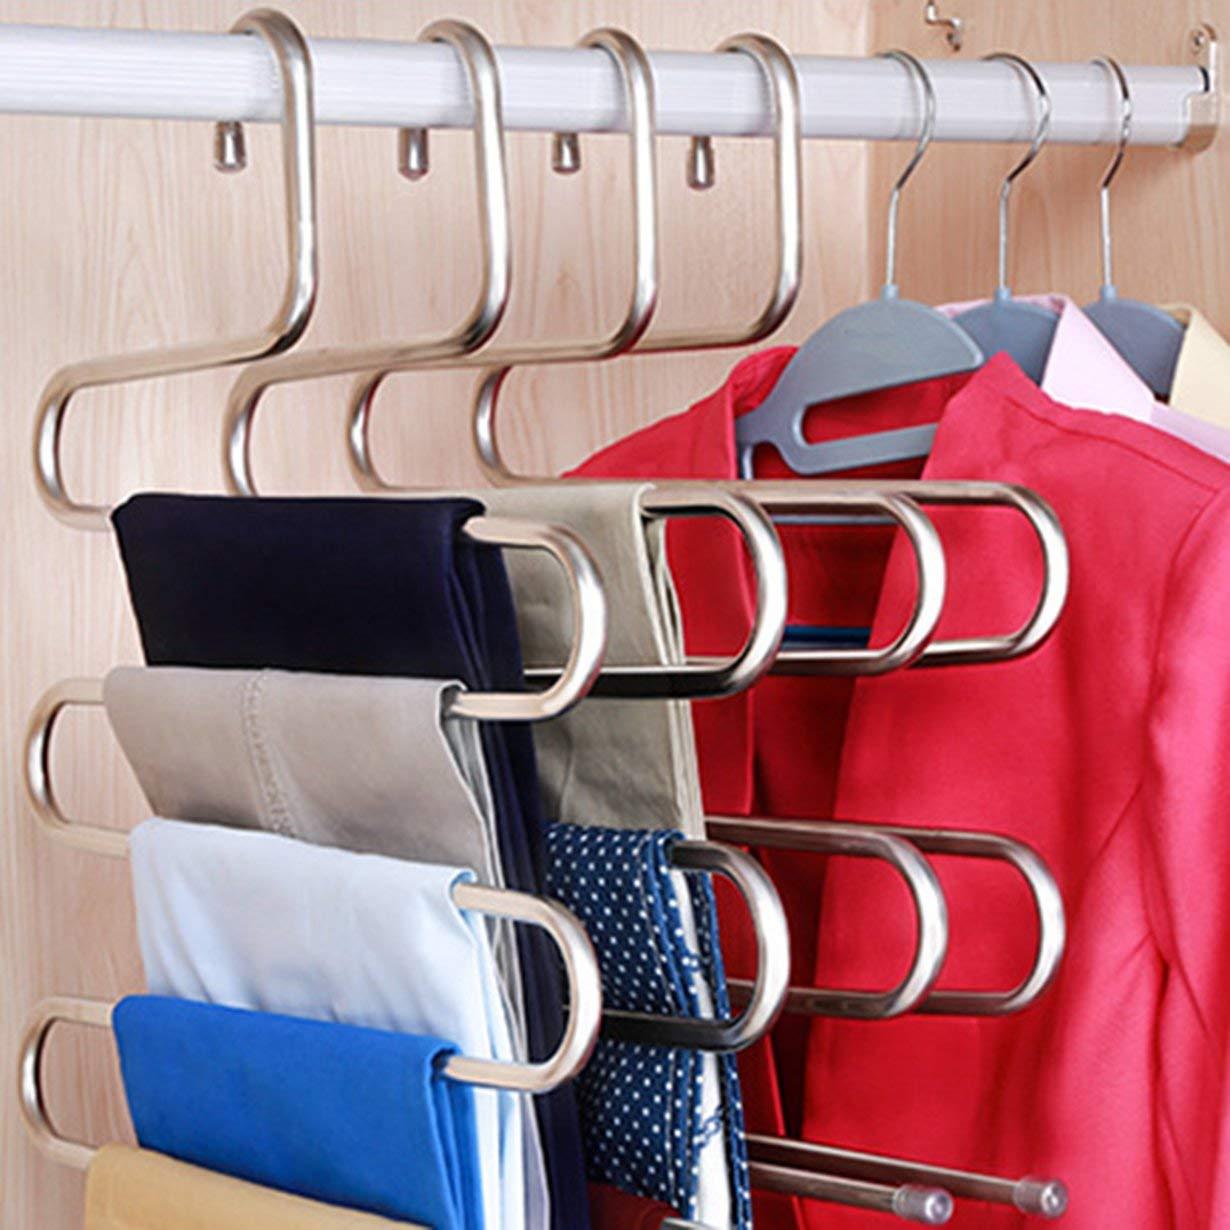 хранение одежды в гардеробе фото 8